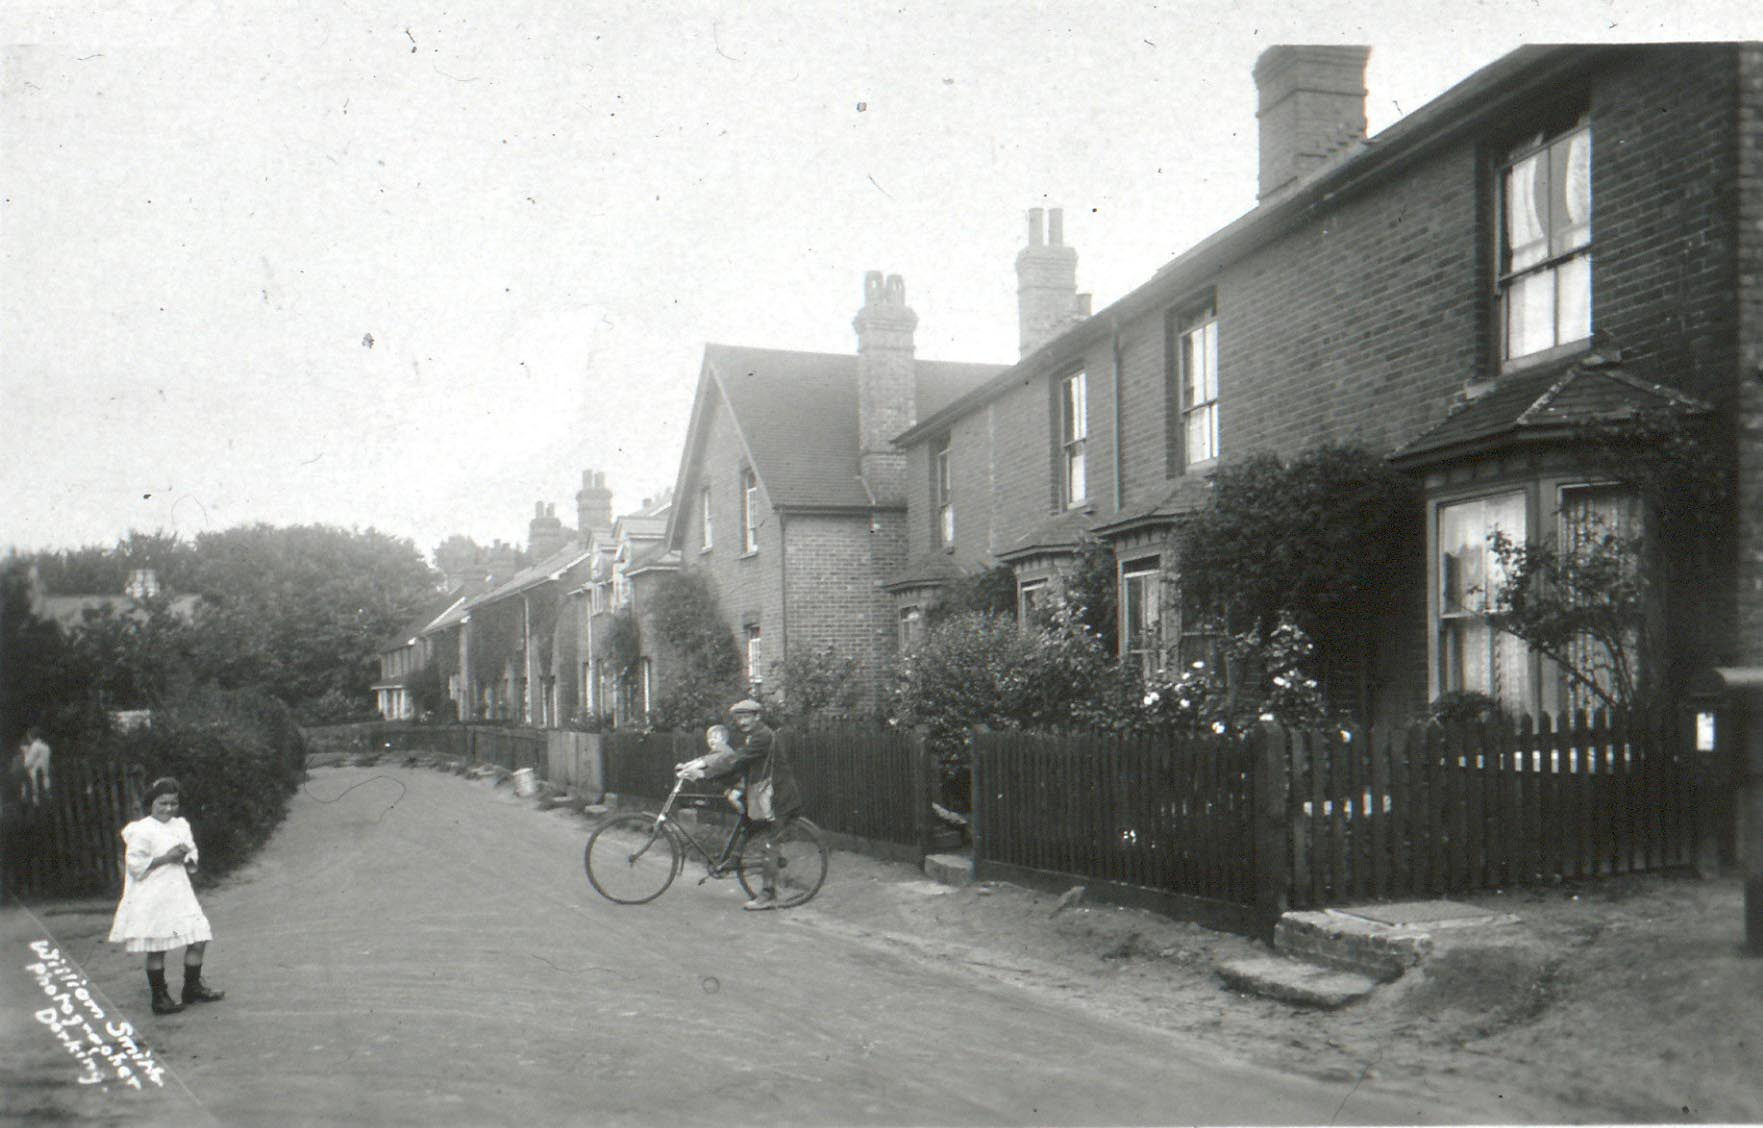 Furlong Road (Image 1)